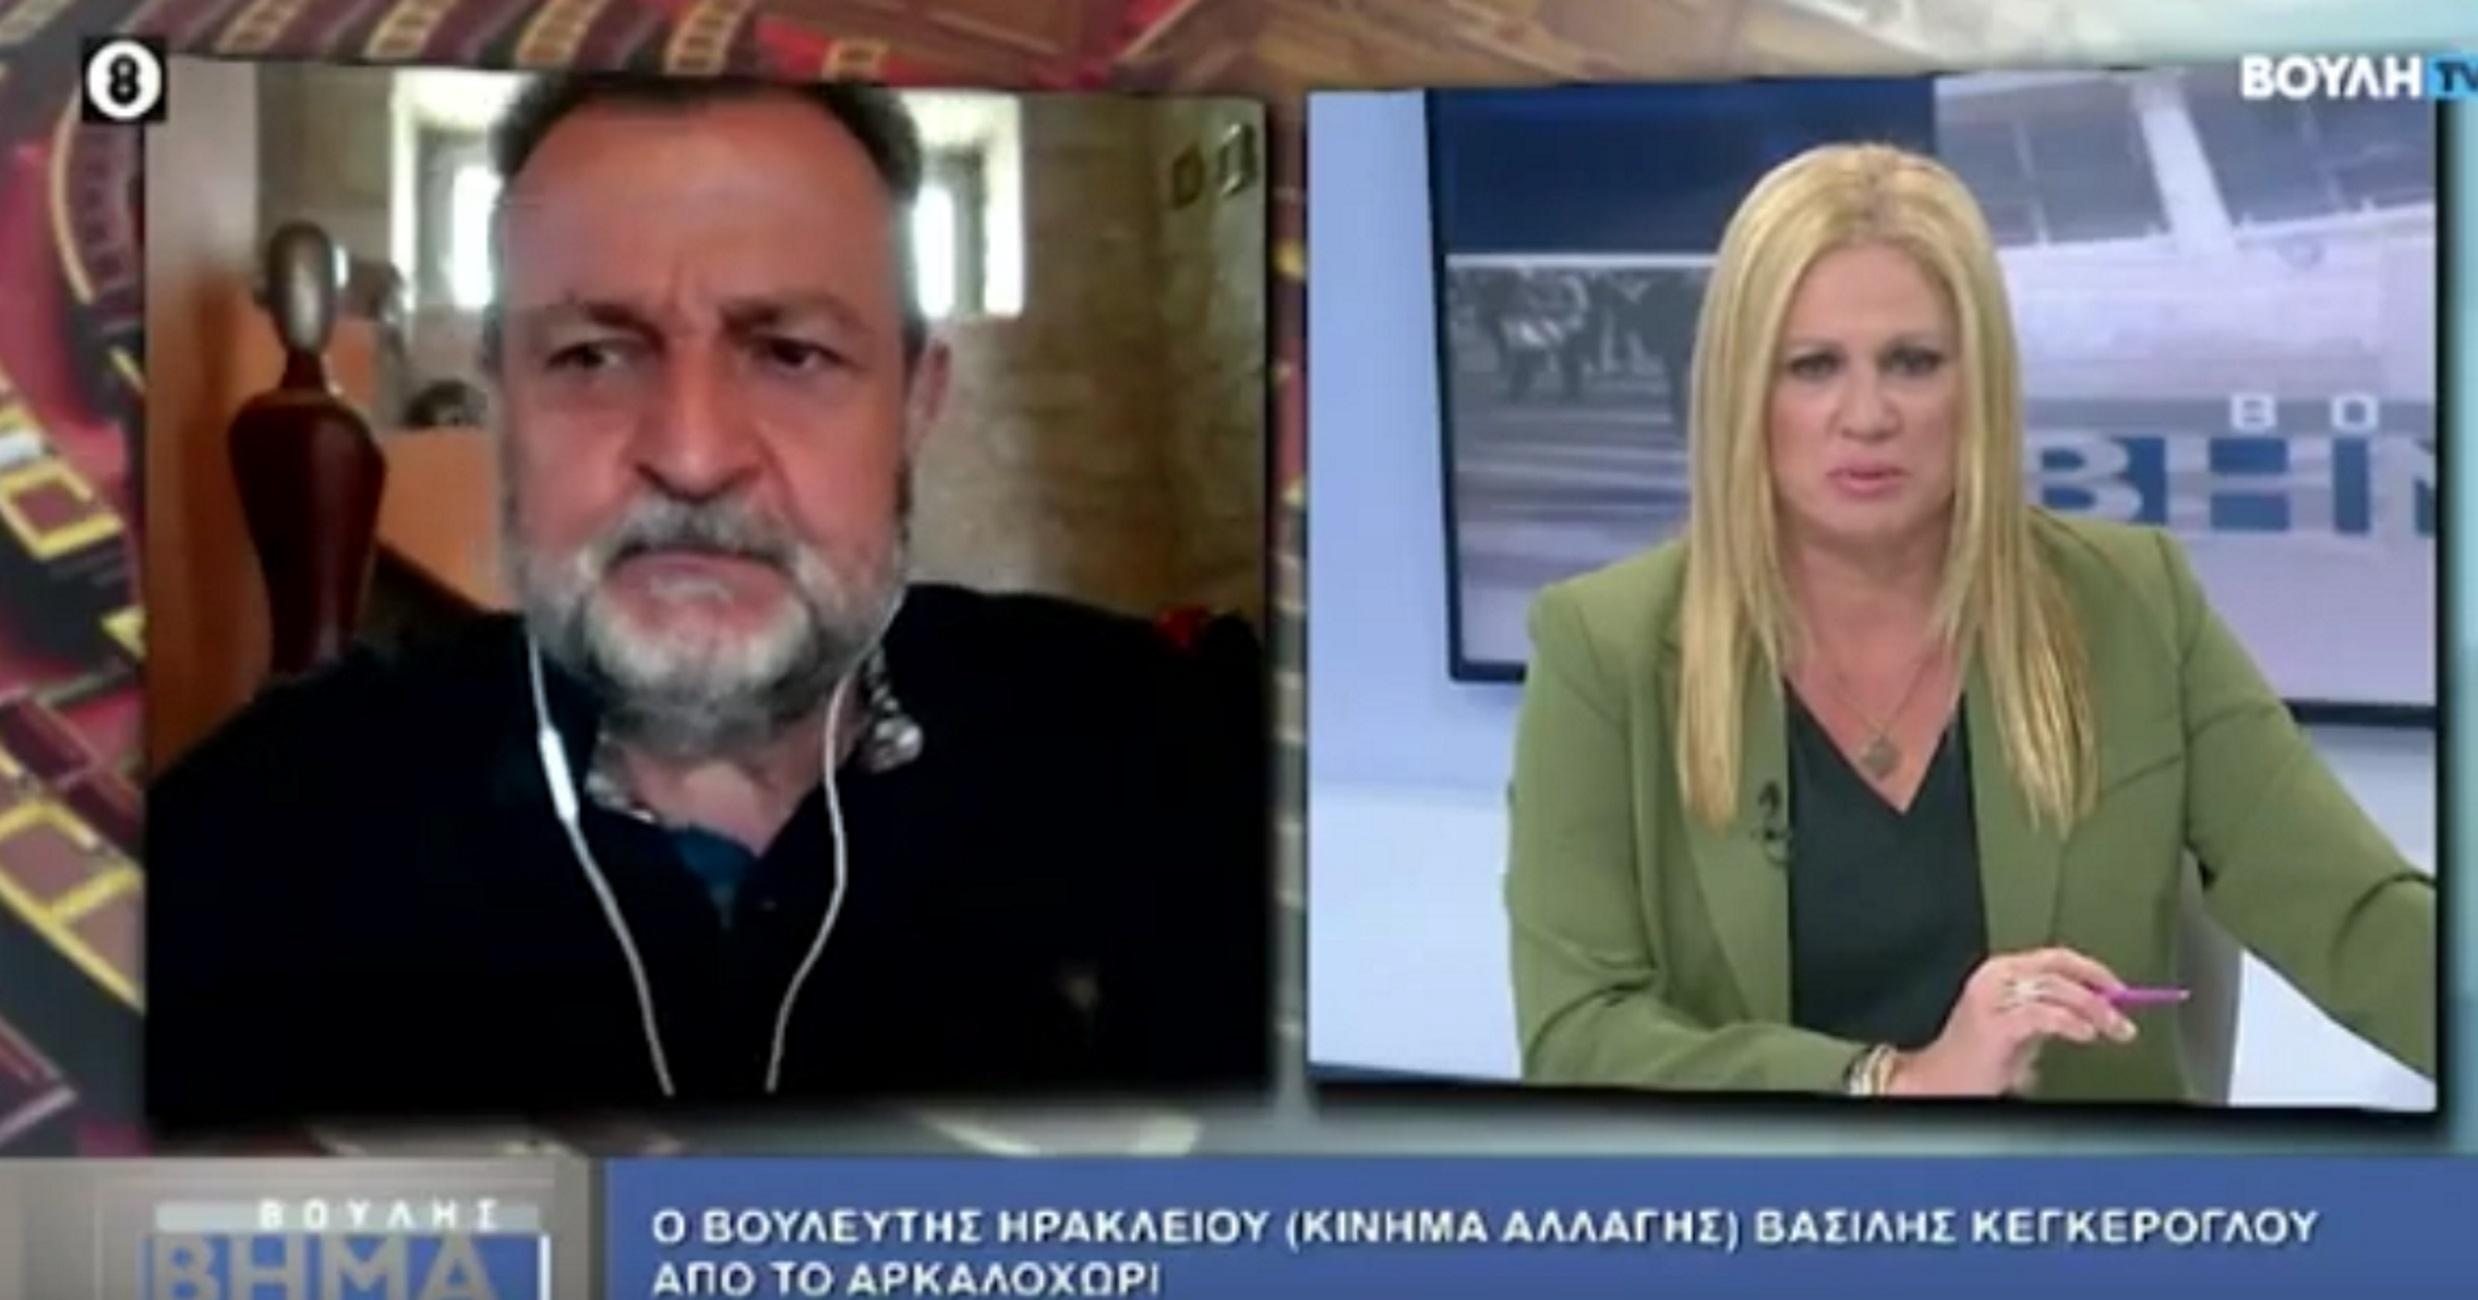 Σεισμός στην Κρήτη: Τρόμος για τον Βασίλη Κεγκέρογλου σε απευθείας τηλεοπτική σύνδεση